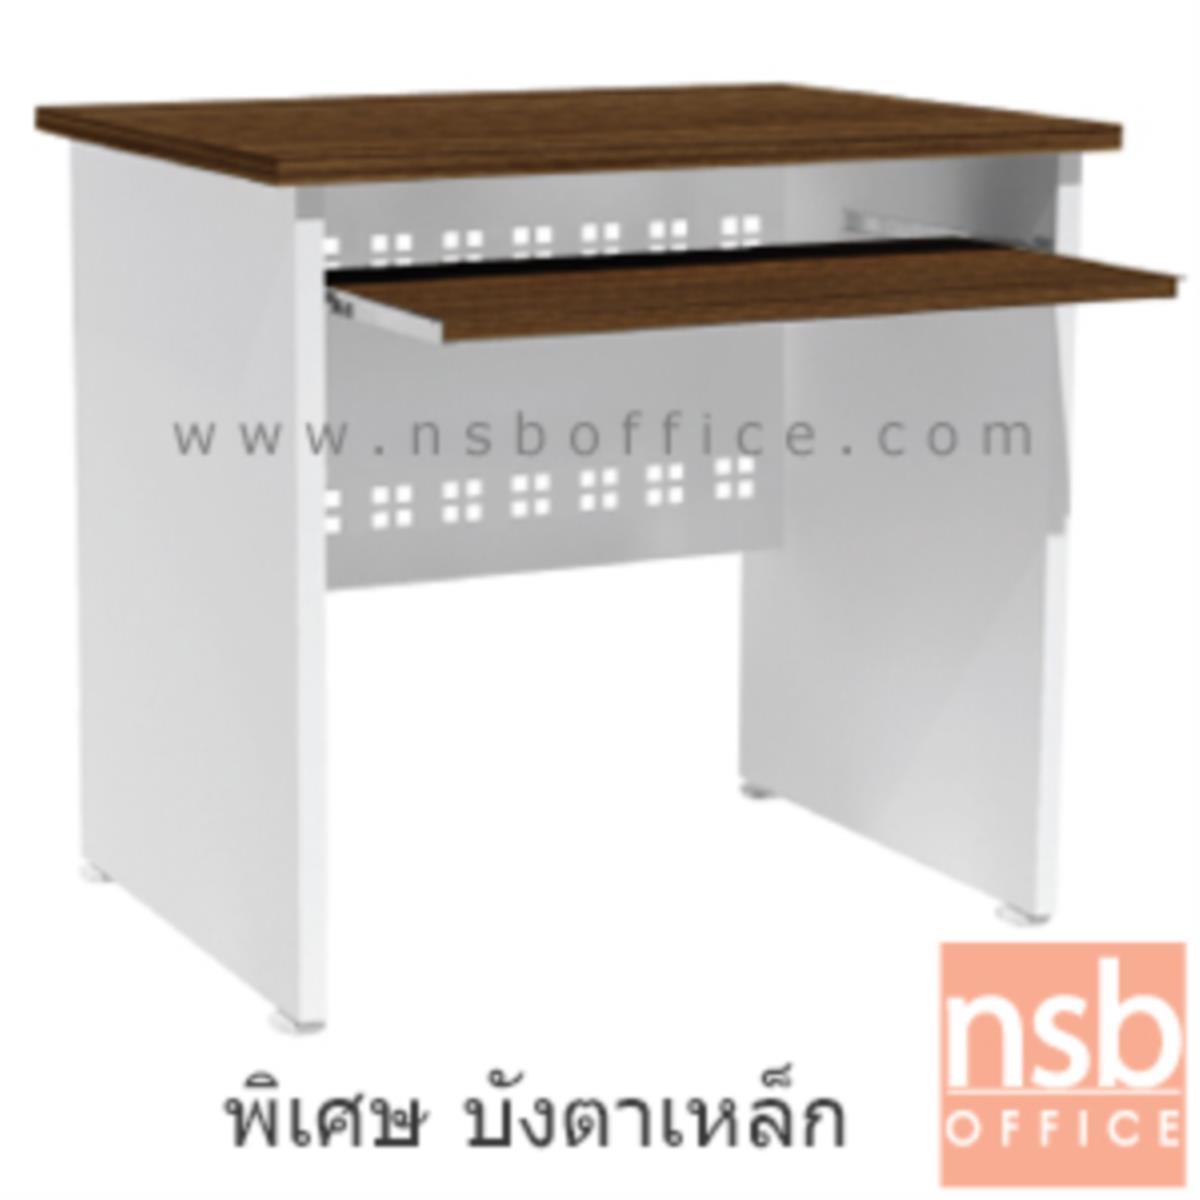 โต๊ะคอมพิวเตอร์  รุ่น Luxyl (ลูซิล) ขนาด 80W cm. พร้อมรางคีบอร์ด บังโป๊เหล็ก สีซีบราโน่-ขาว